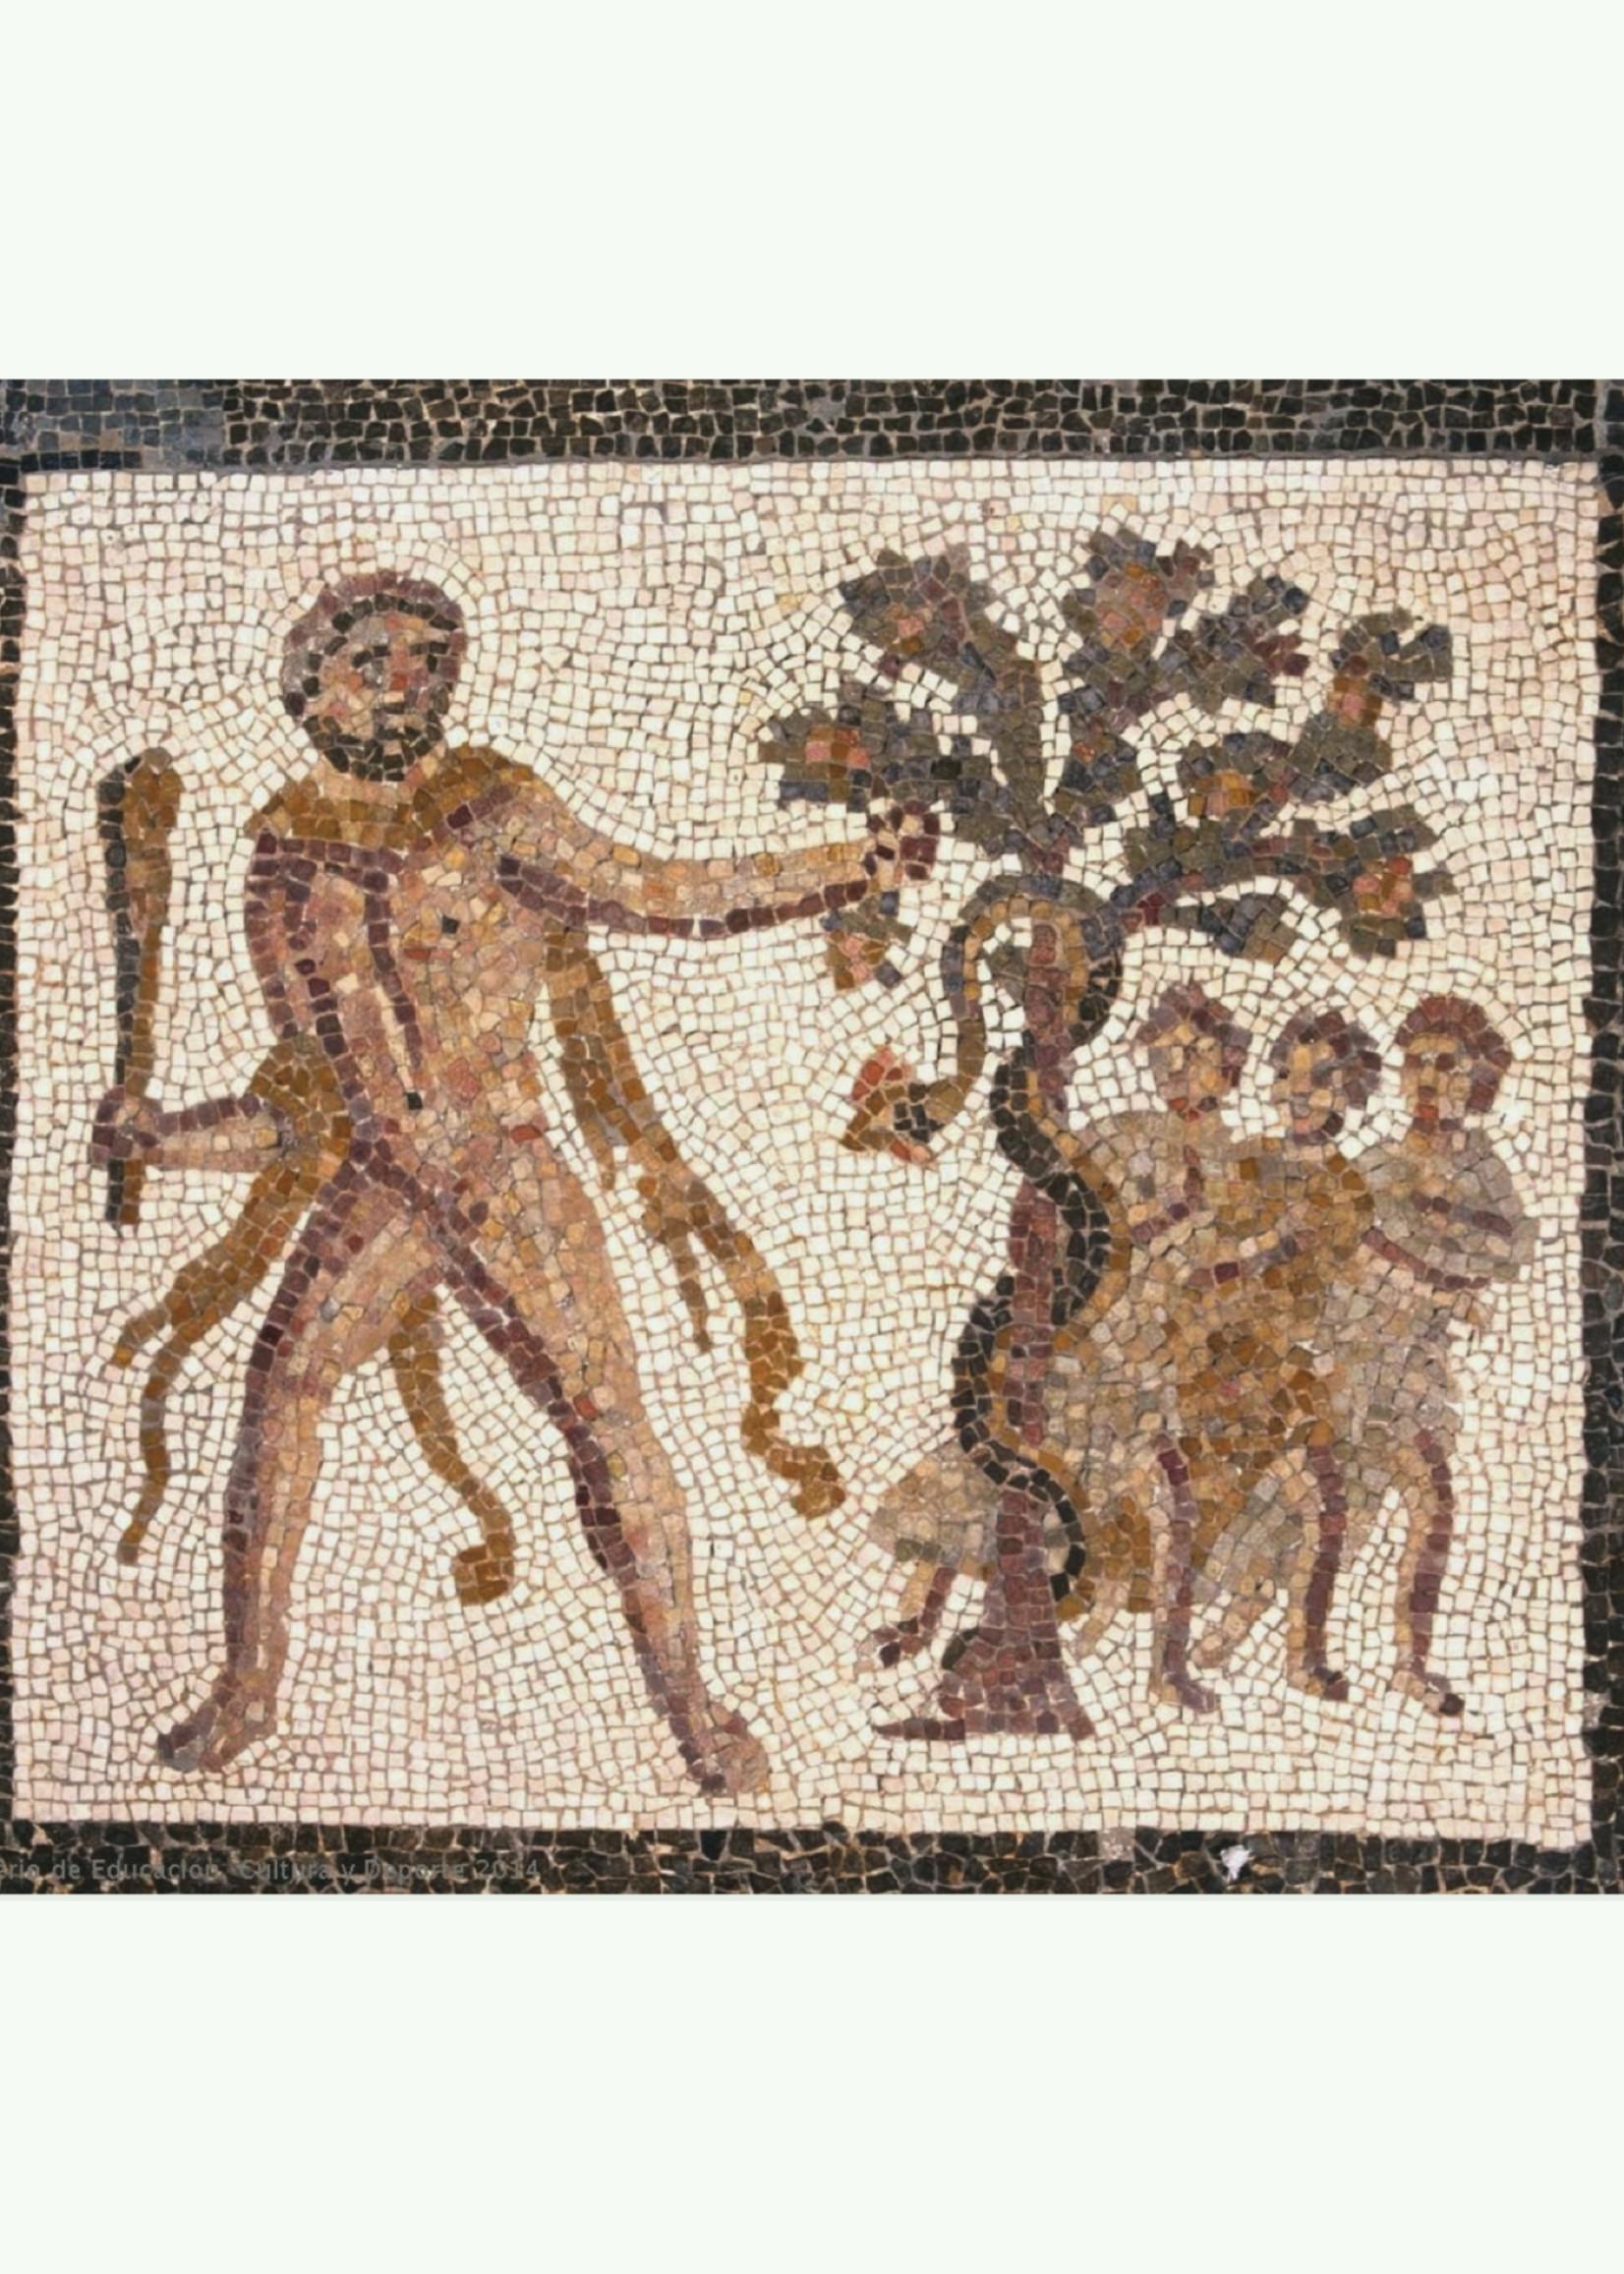 Manos Gerakinis Manos Gerakinis - Athenian Essence - Geurkaars 145 gr